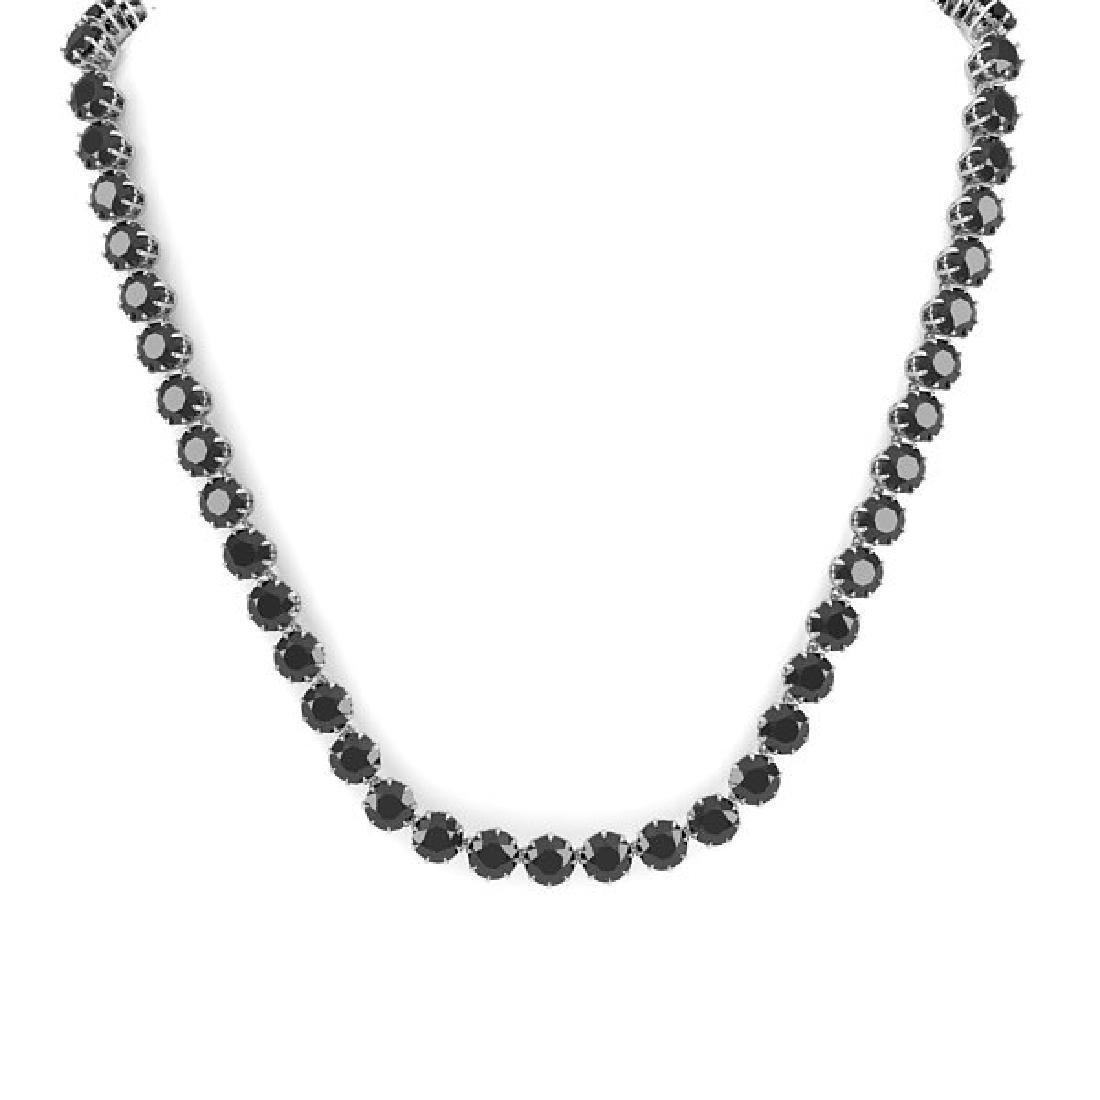 54 CTW Certified Black VS Diamond Necklace 14K White - 3